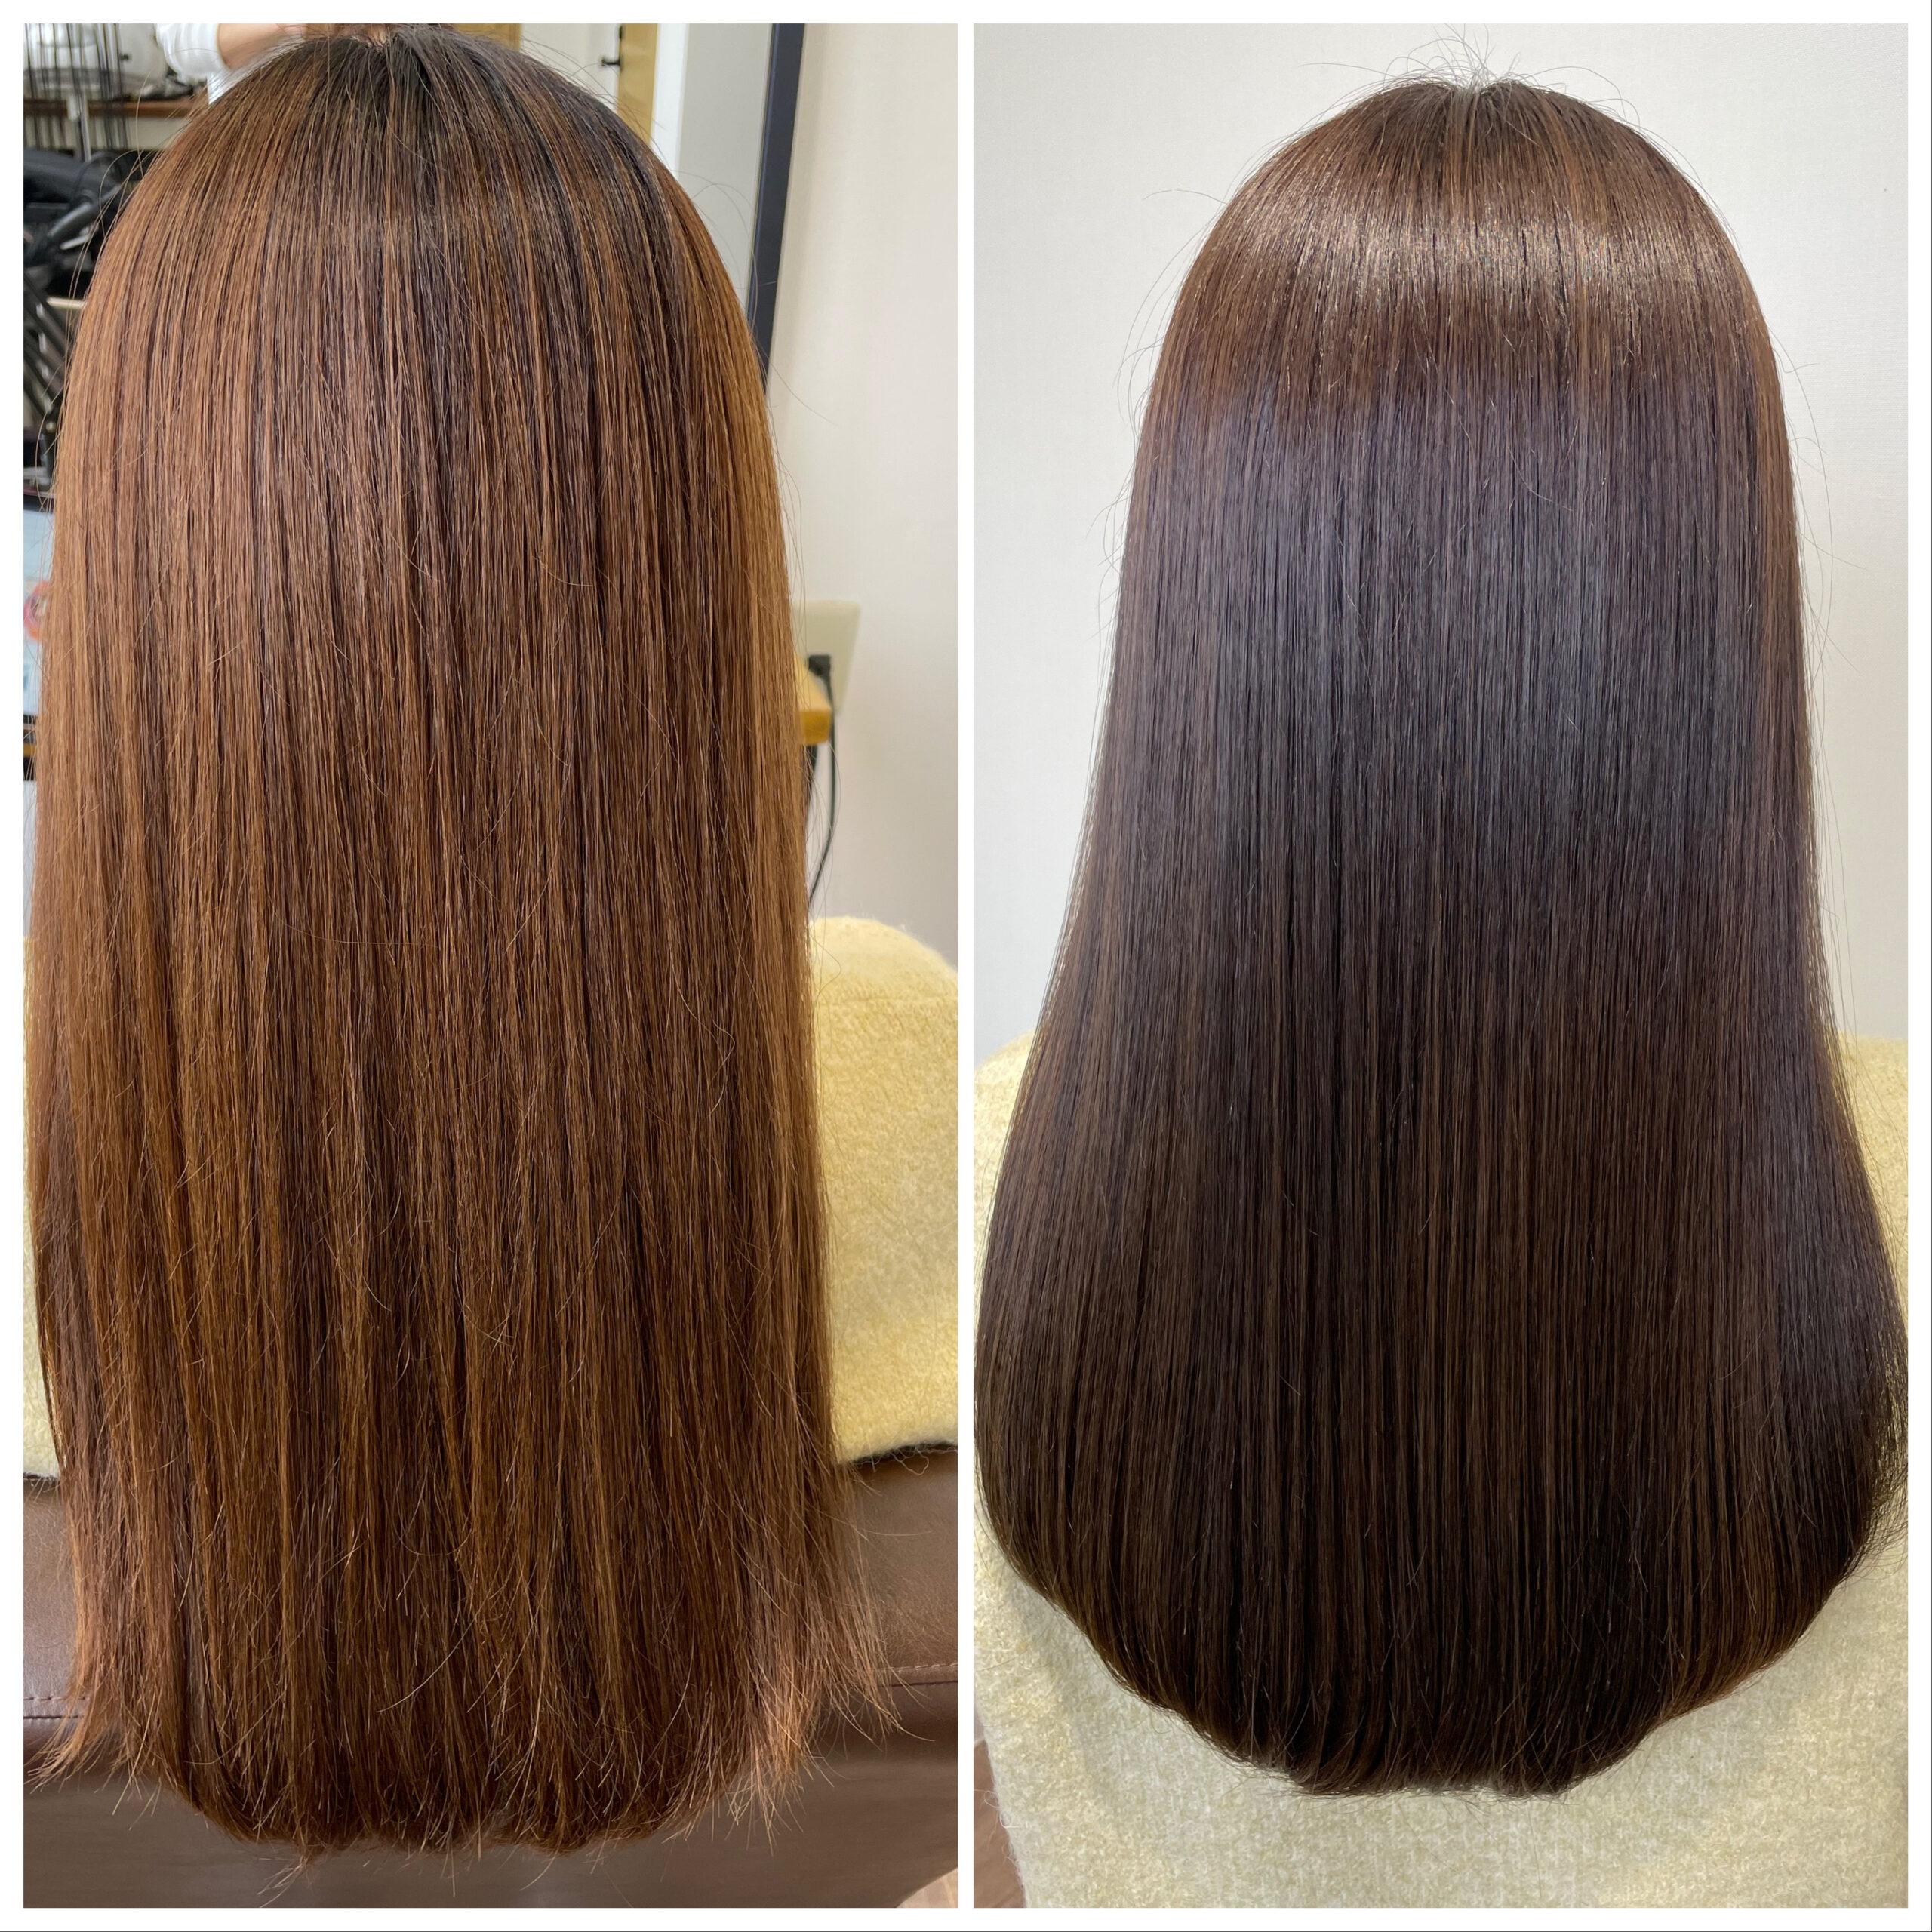 大分県別府市 髪質改善 カラー&トリートメントでツヤツヤな髪の毛 ビフォーアフター